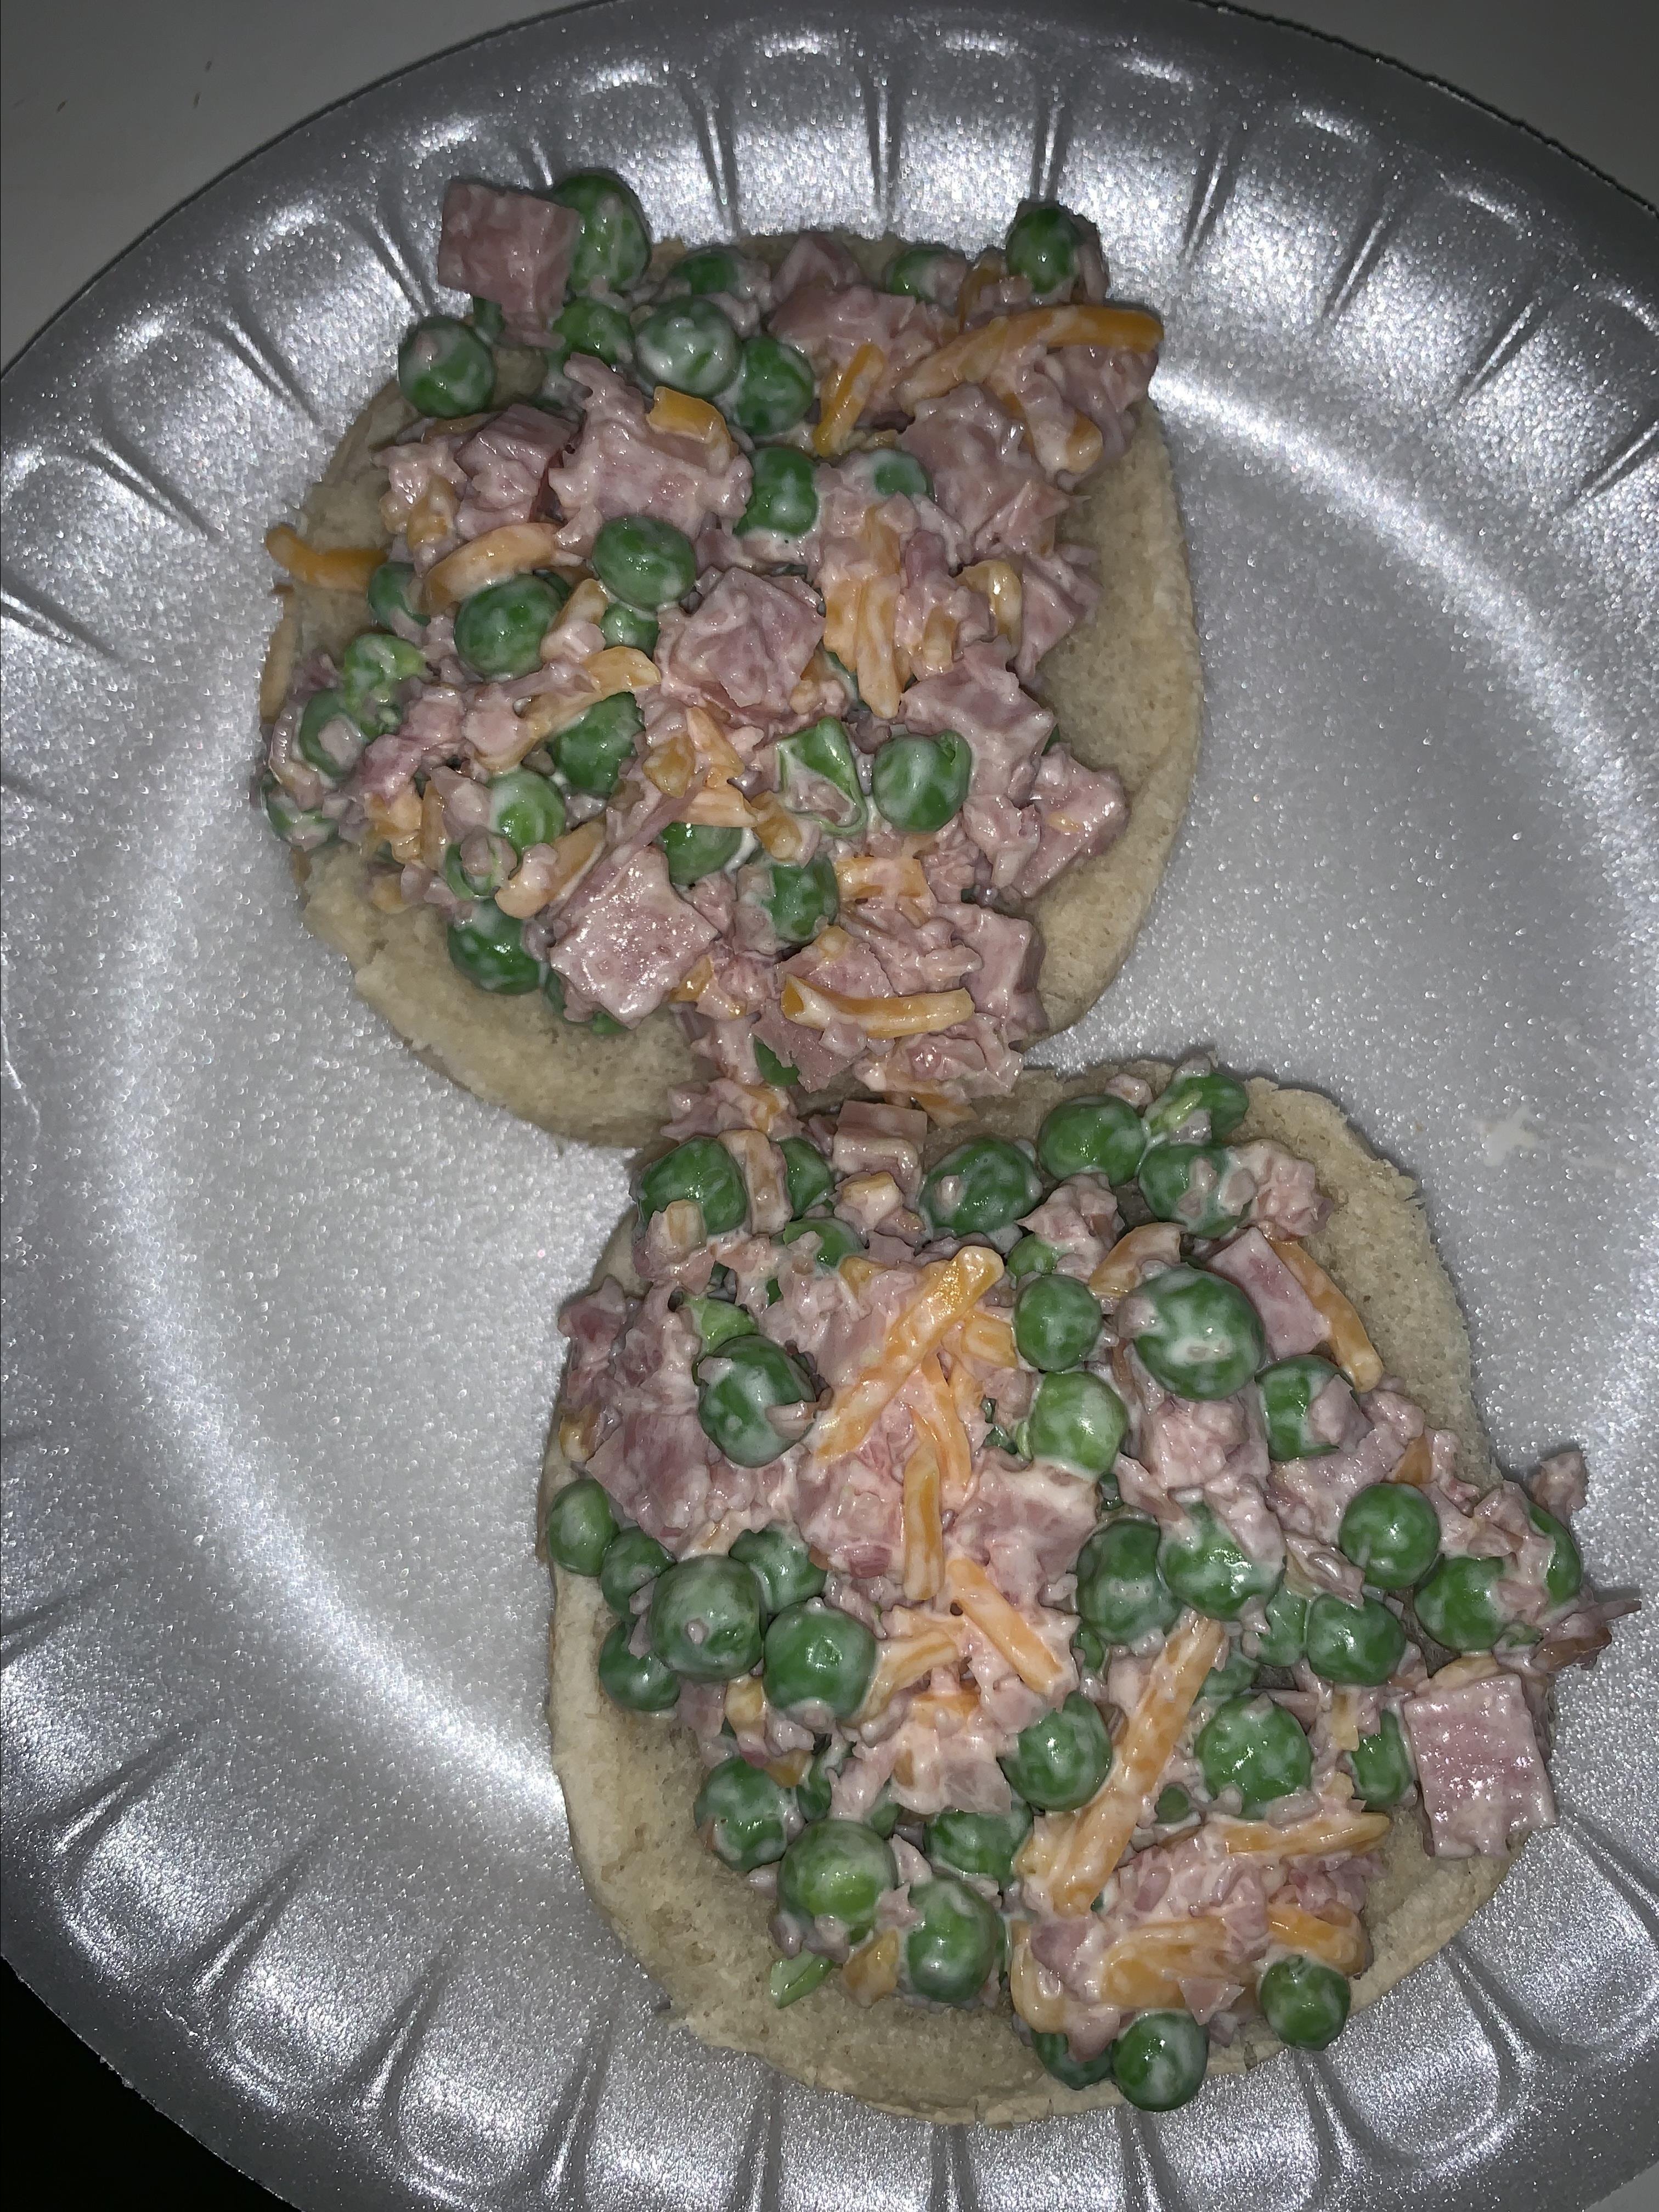 Green Pea and Ham Salad Dennis Barnes